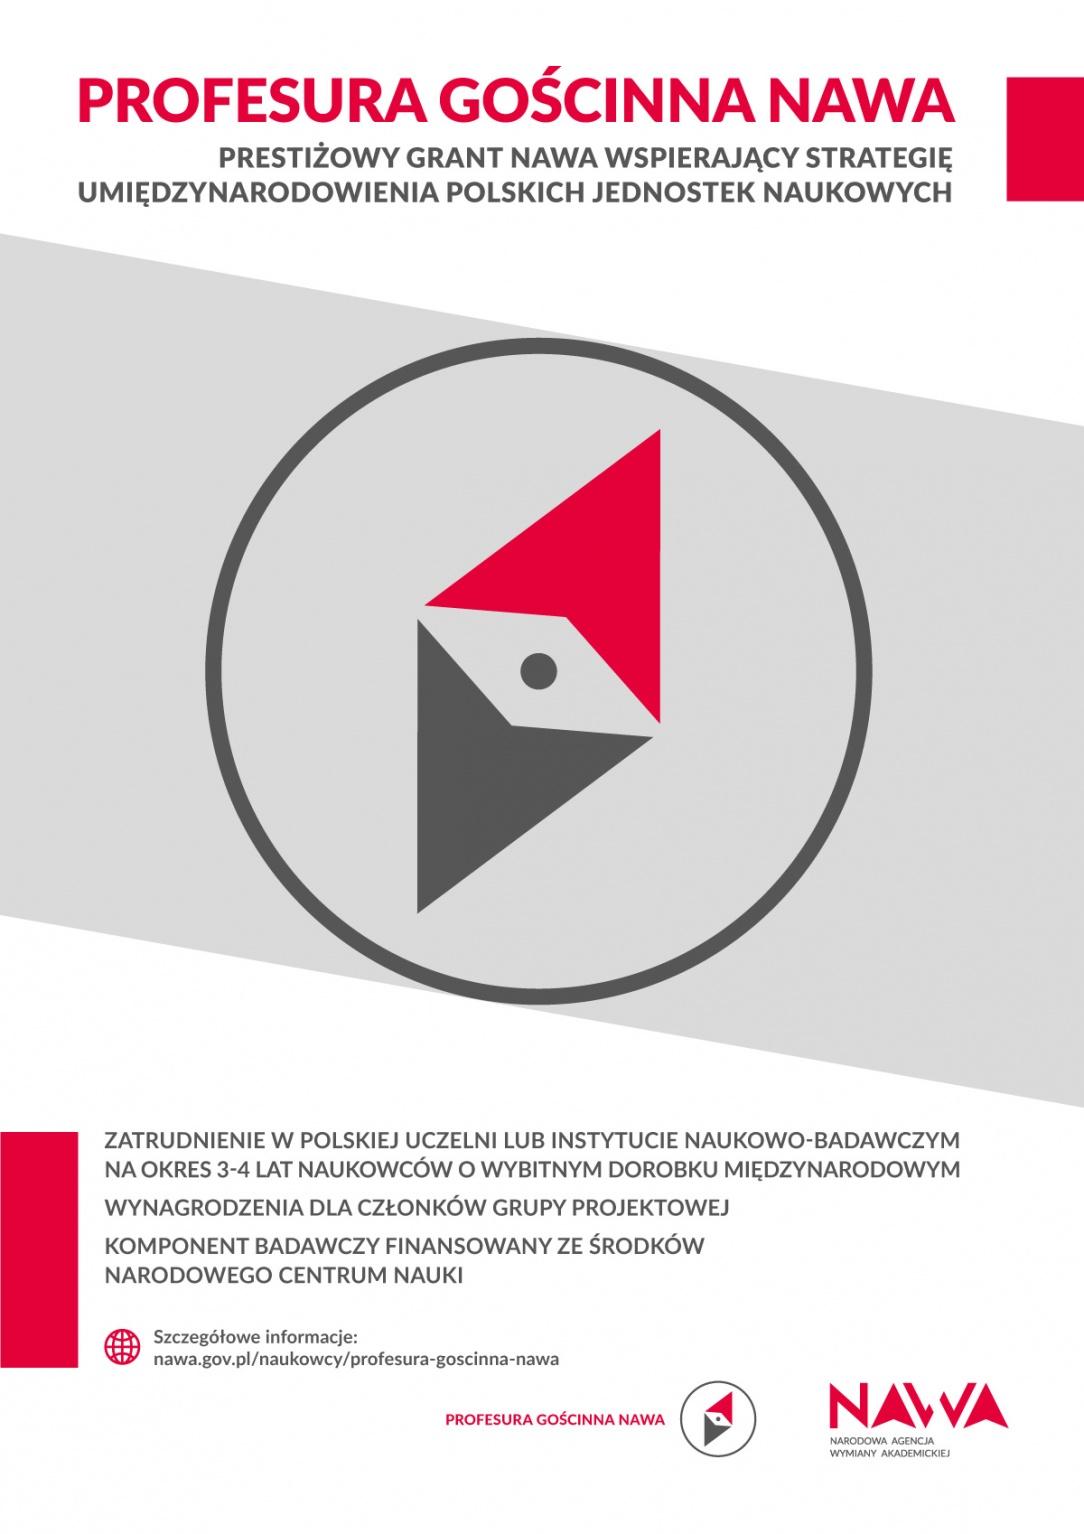 Profesura Gościnna NAWA – nowy program dla naukowców